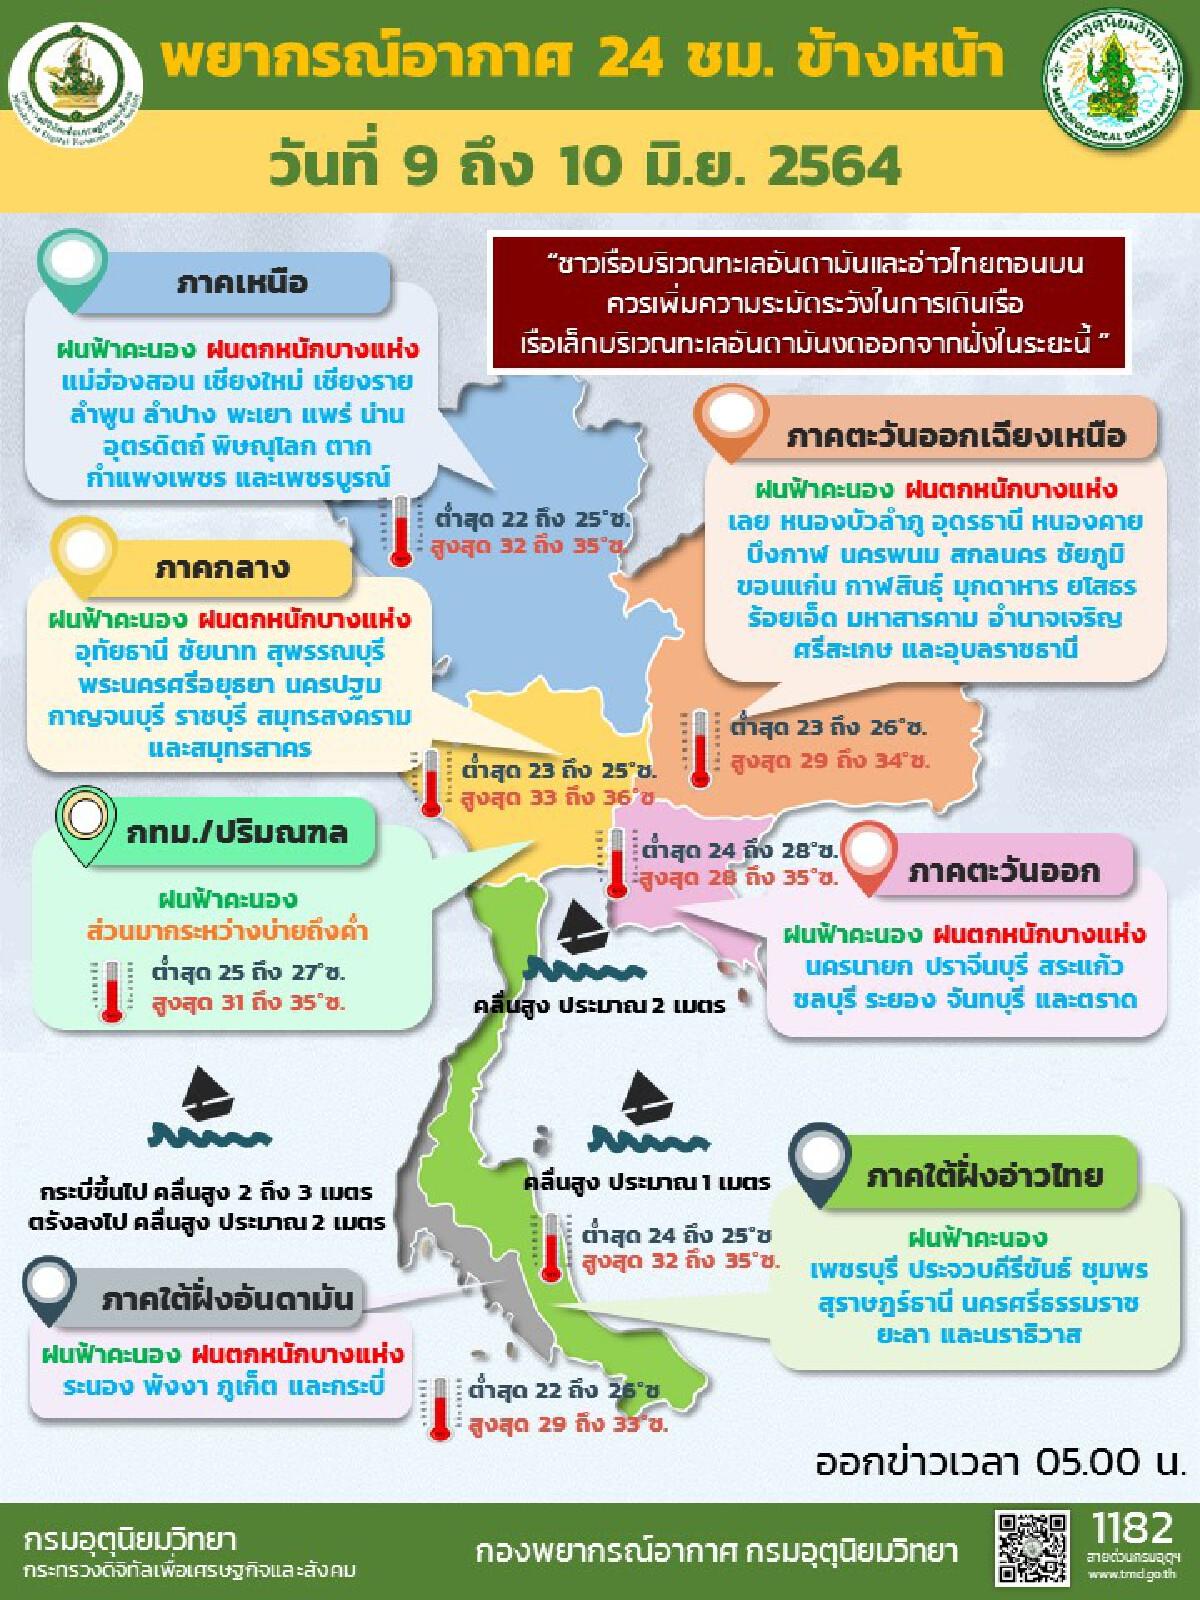 กรมอุตุนิยมวิทยา เผยทั่วไทยเจอฝน กทม. เตรียมรับมือช่วงบ่ายถึงค่ำ